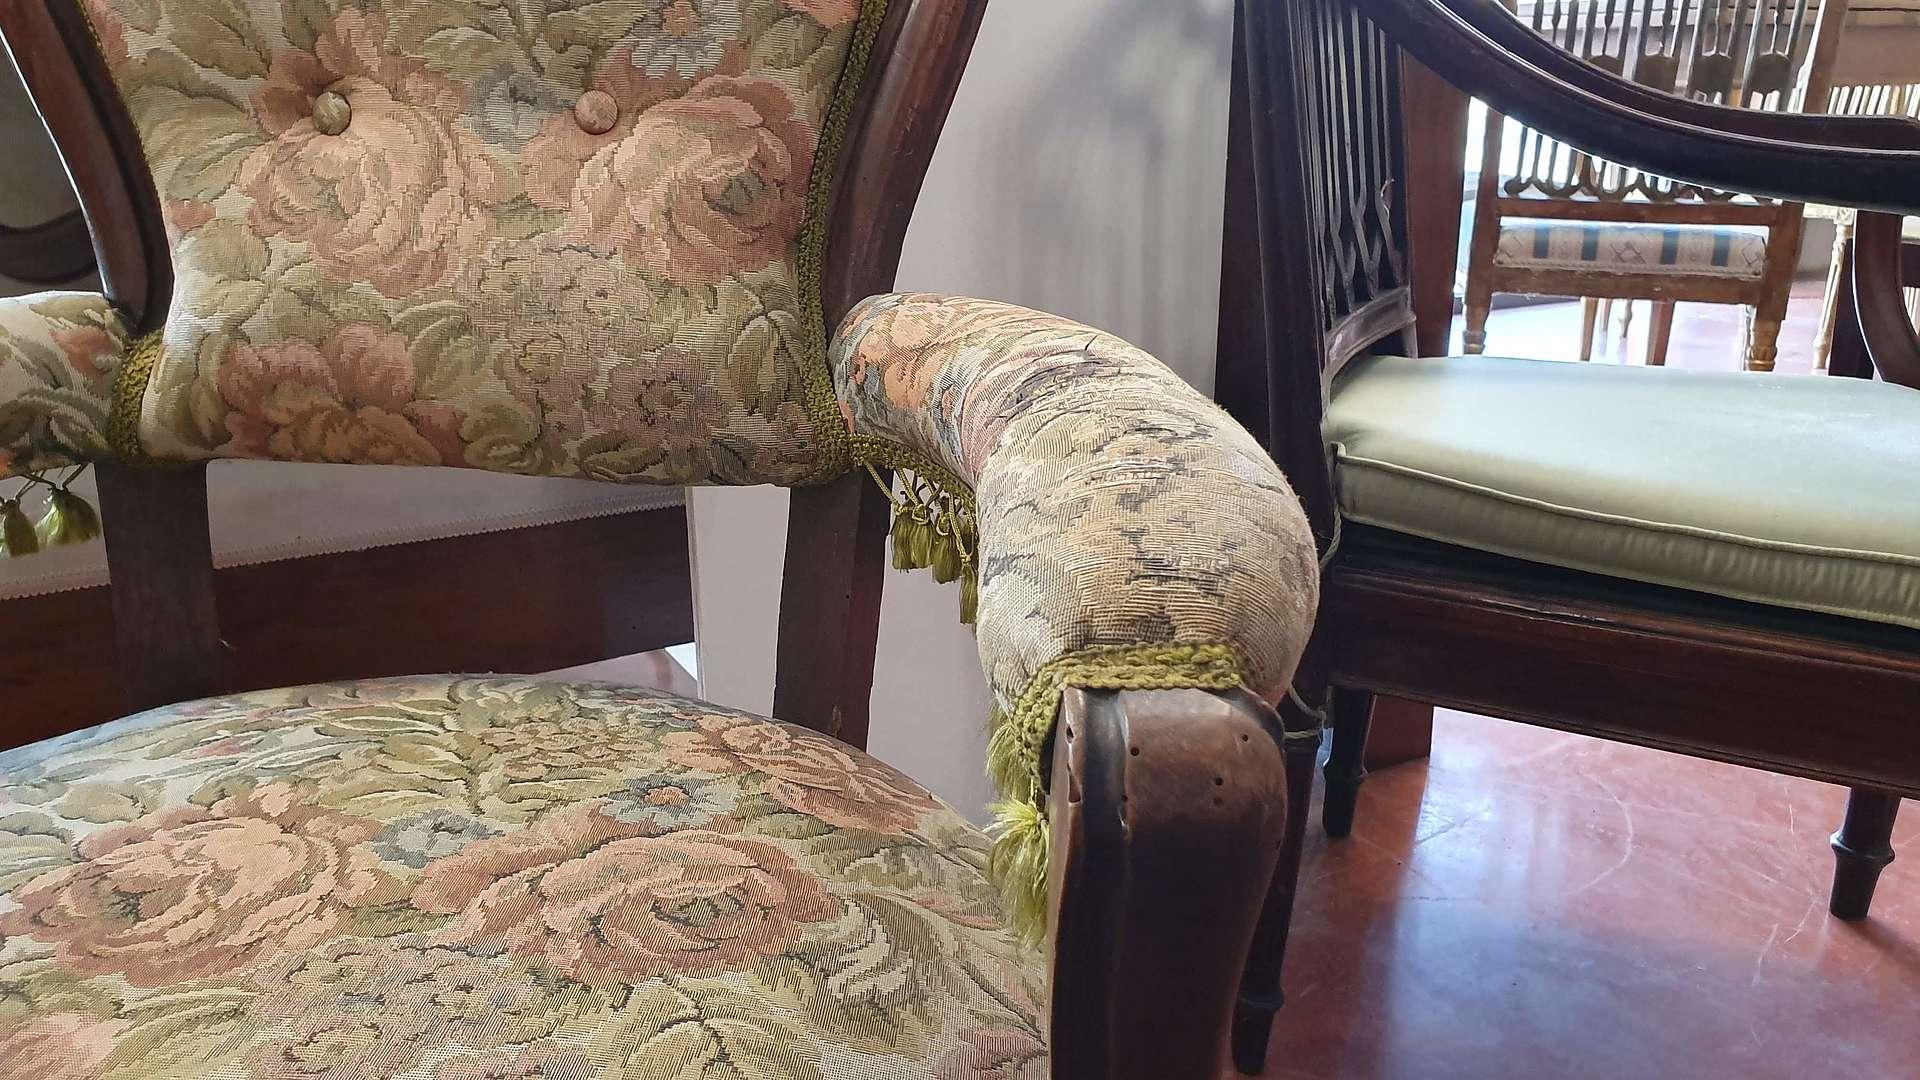 Divano E Poltrone Luigi Filippo coppia di poltrone luigi filippo | divano antico, poltrona